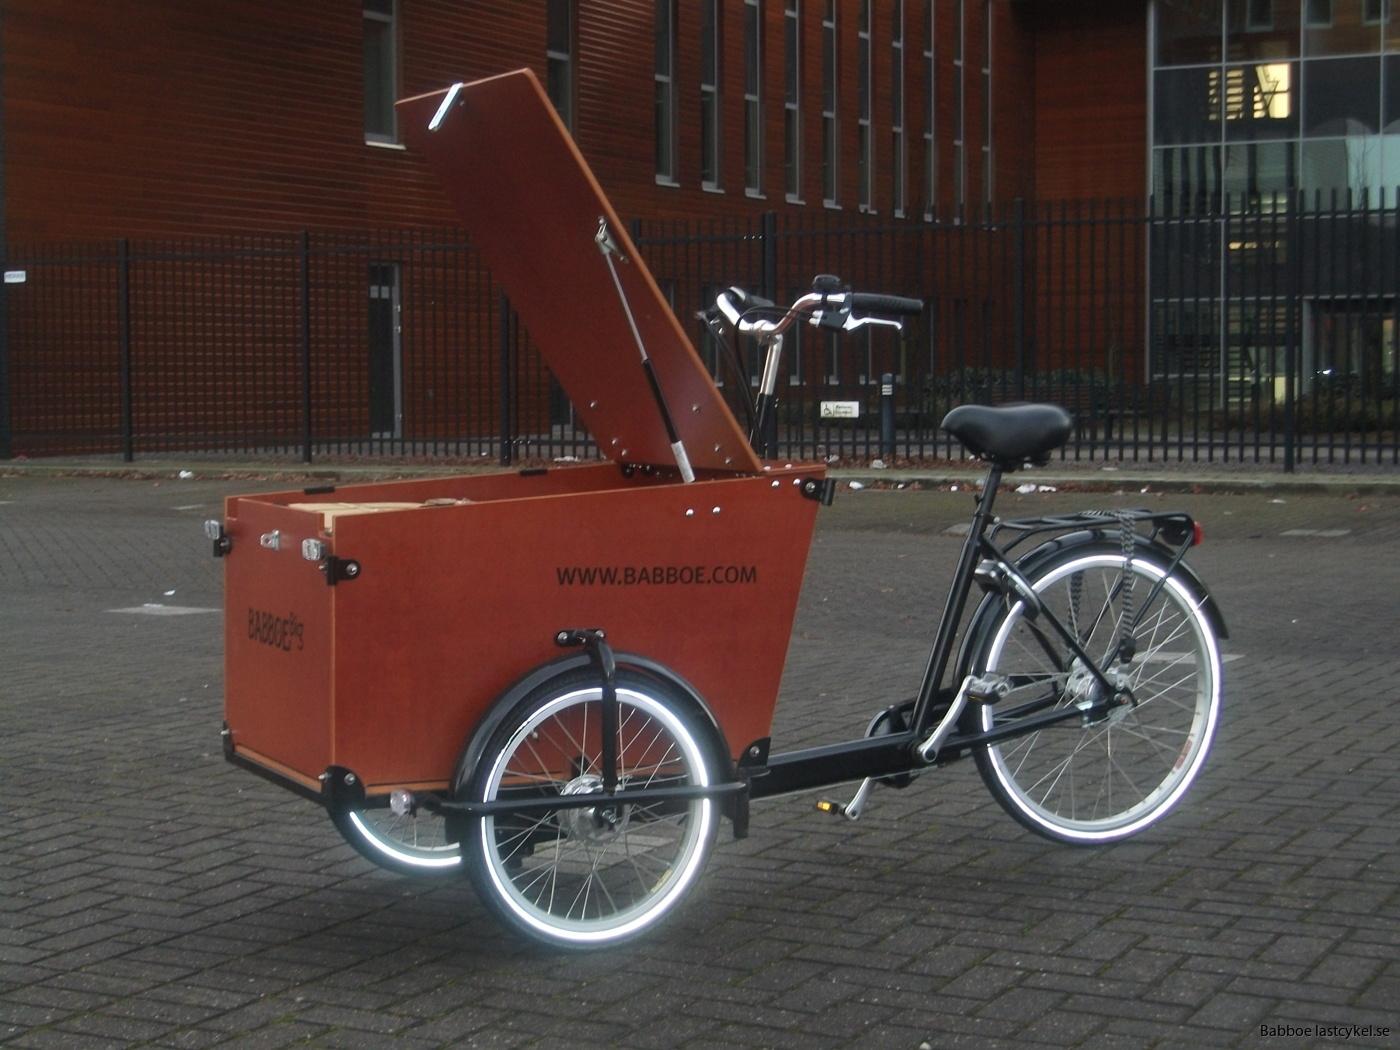 Babboe transporter lastcykel öppen låda